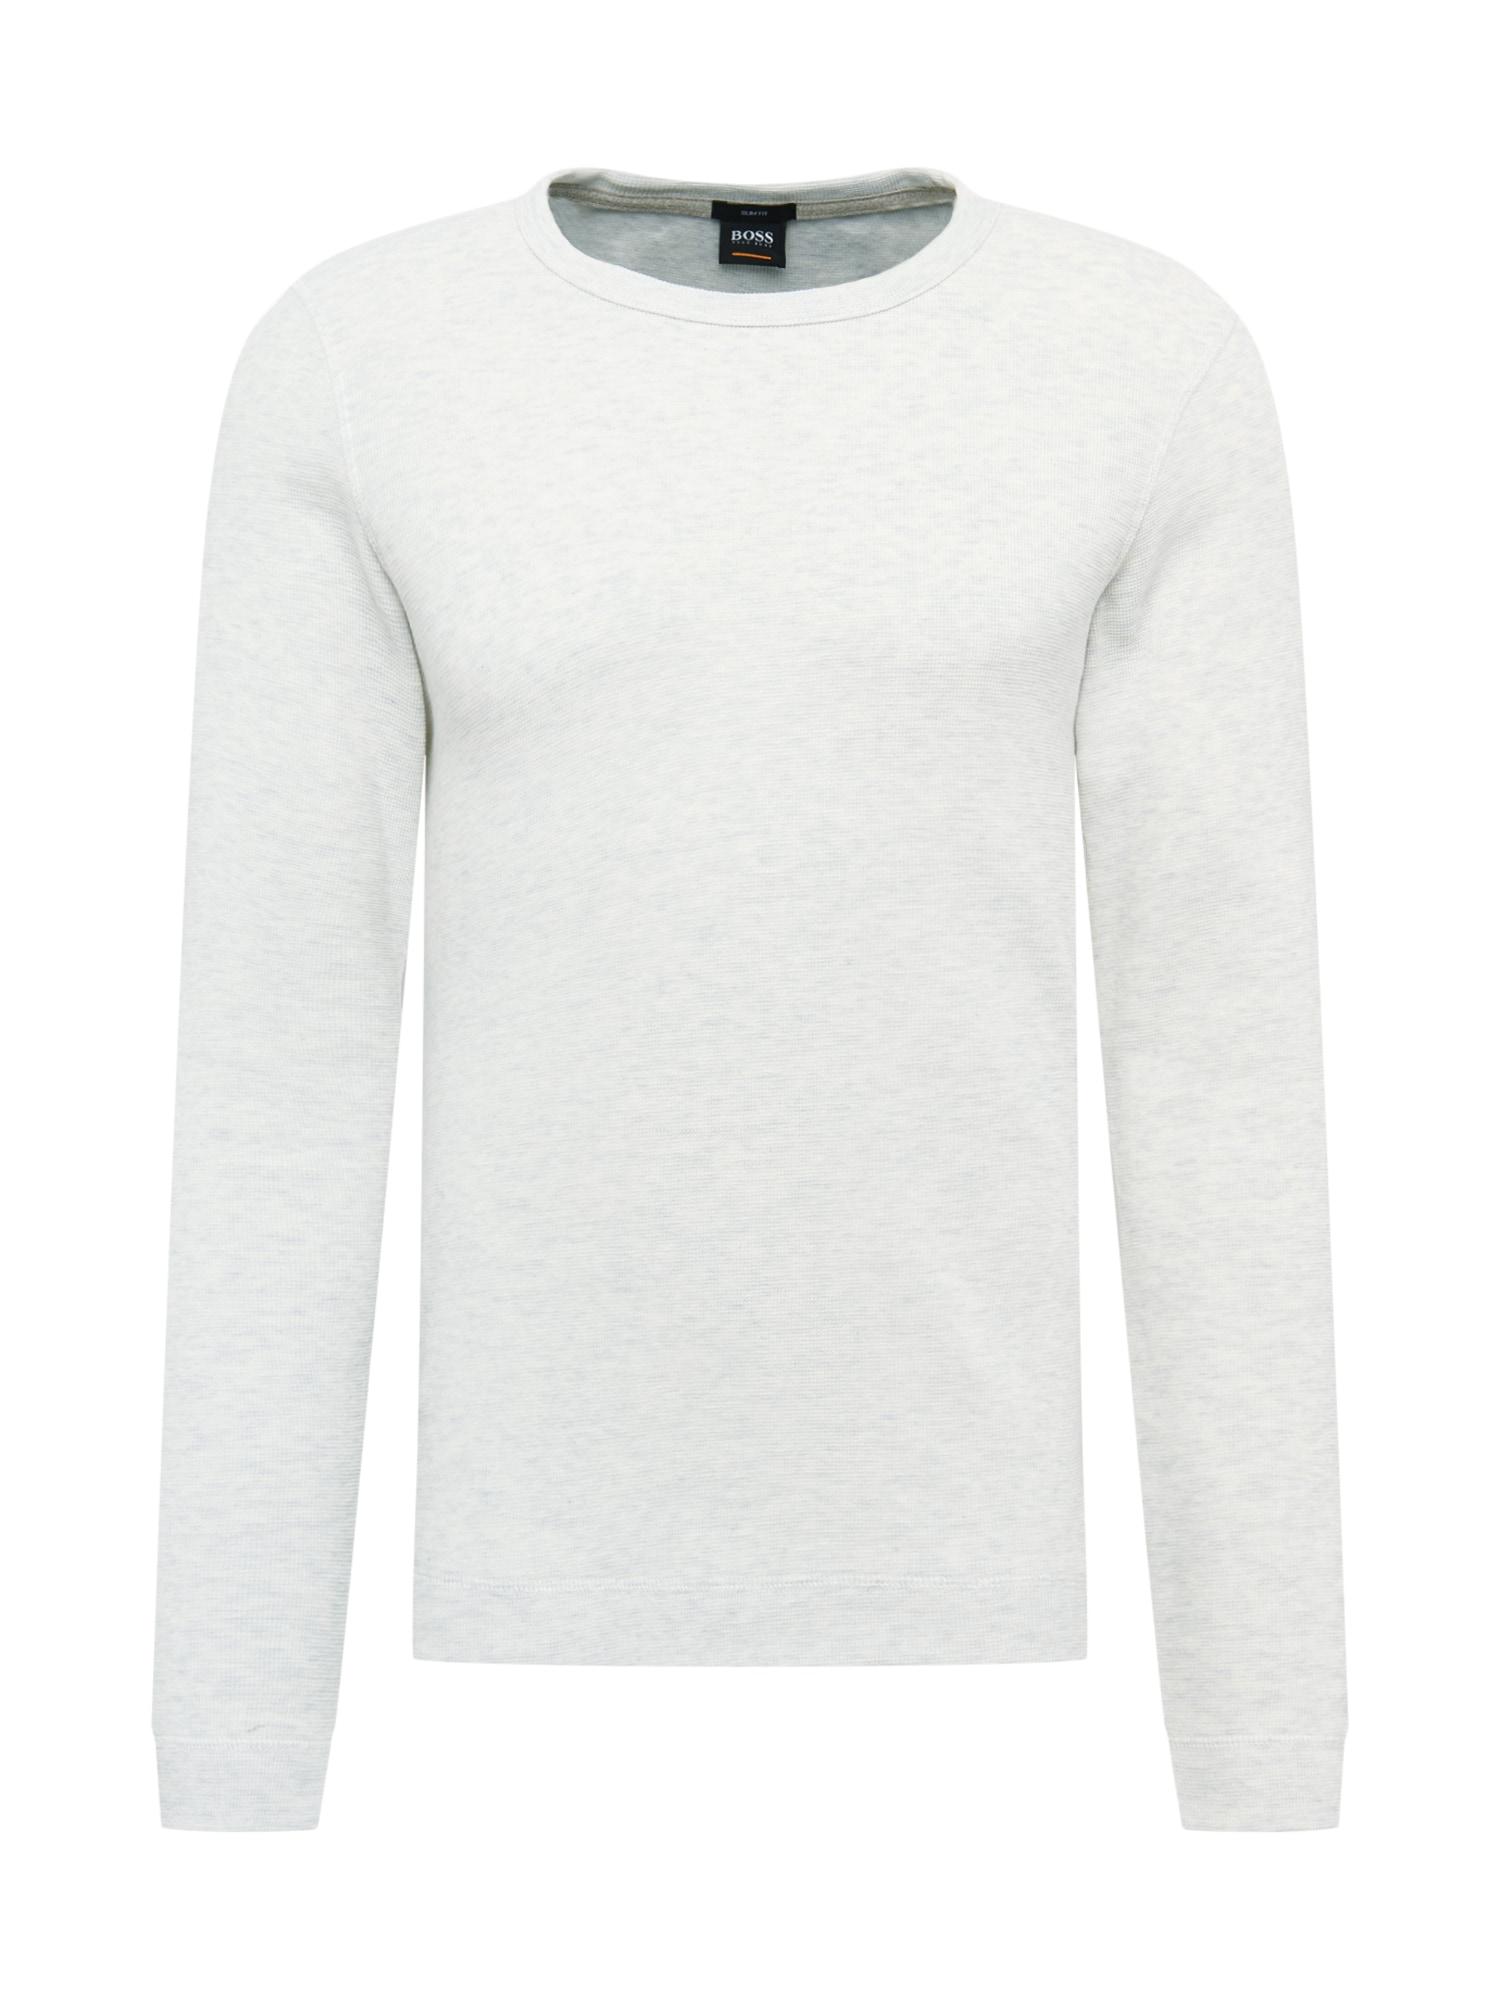 Tričko Tempest přírodní bílá BOSS